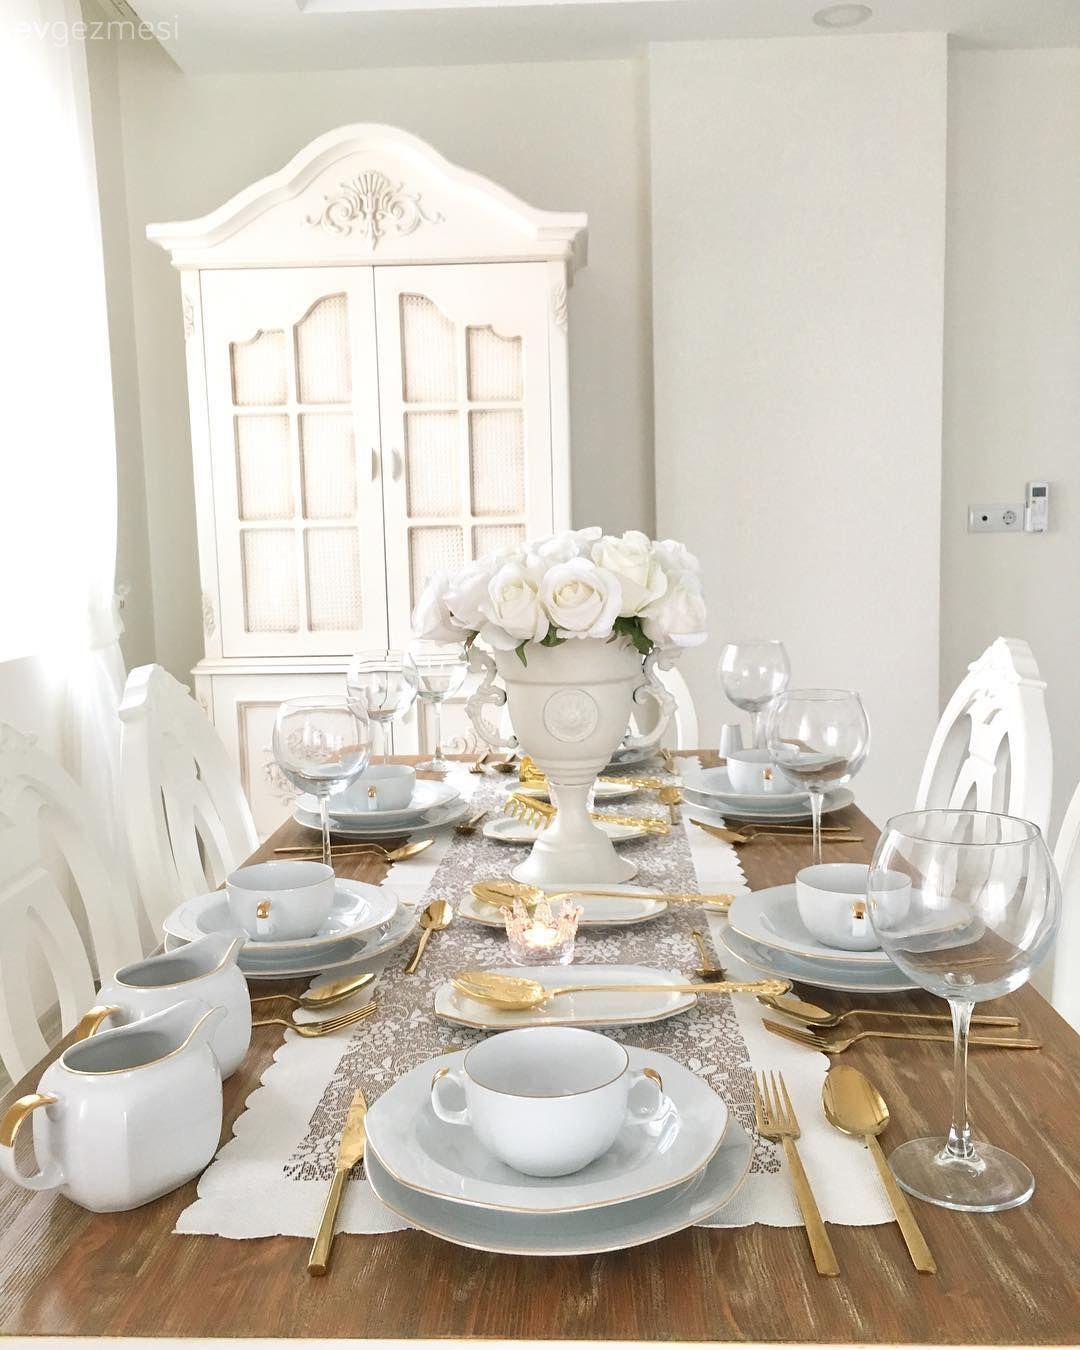 Bu Antalya Evinin Sıcak ve Zarif bir Ruhu Var